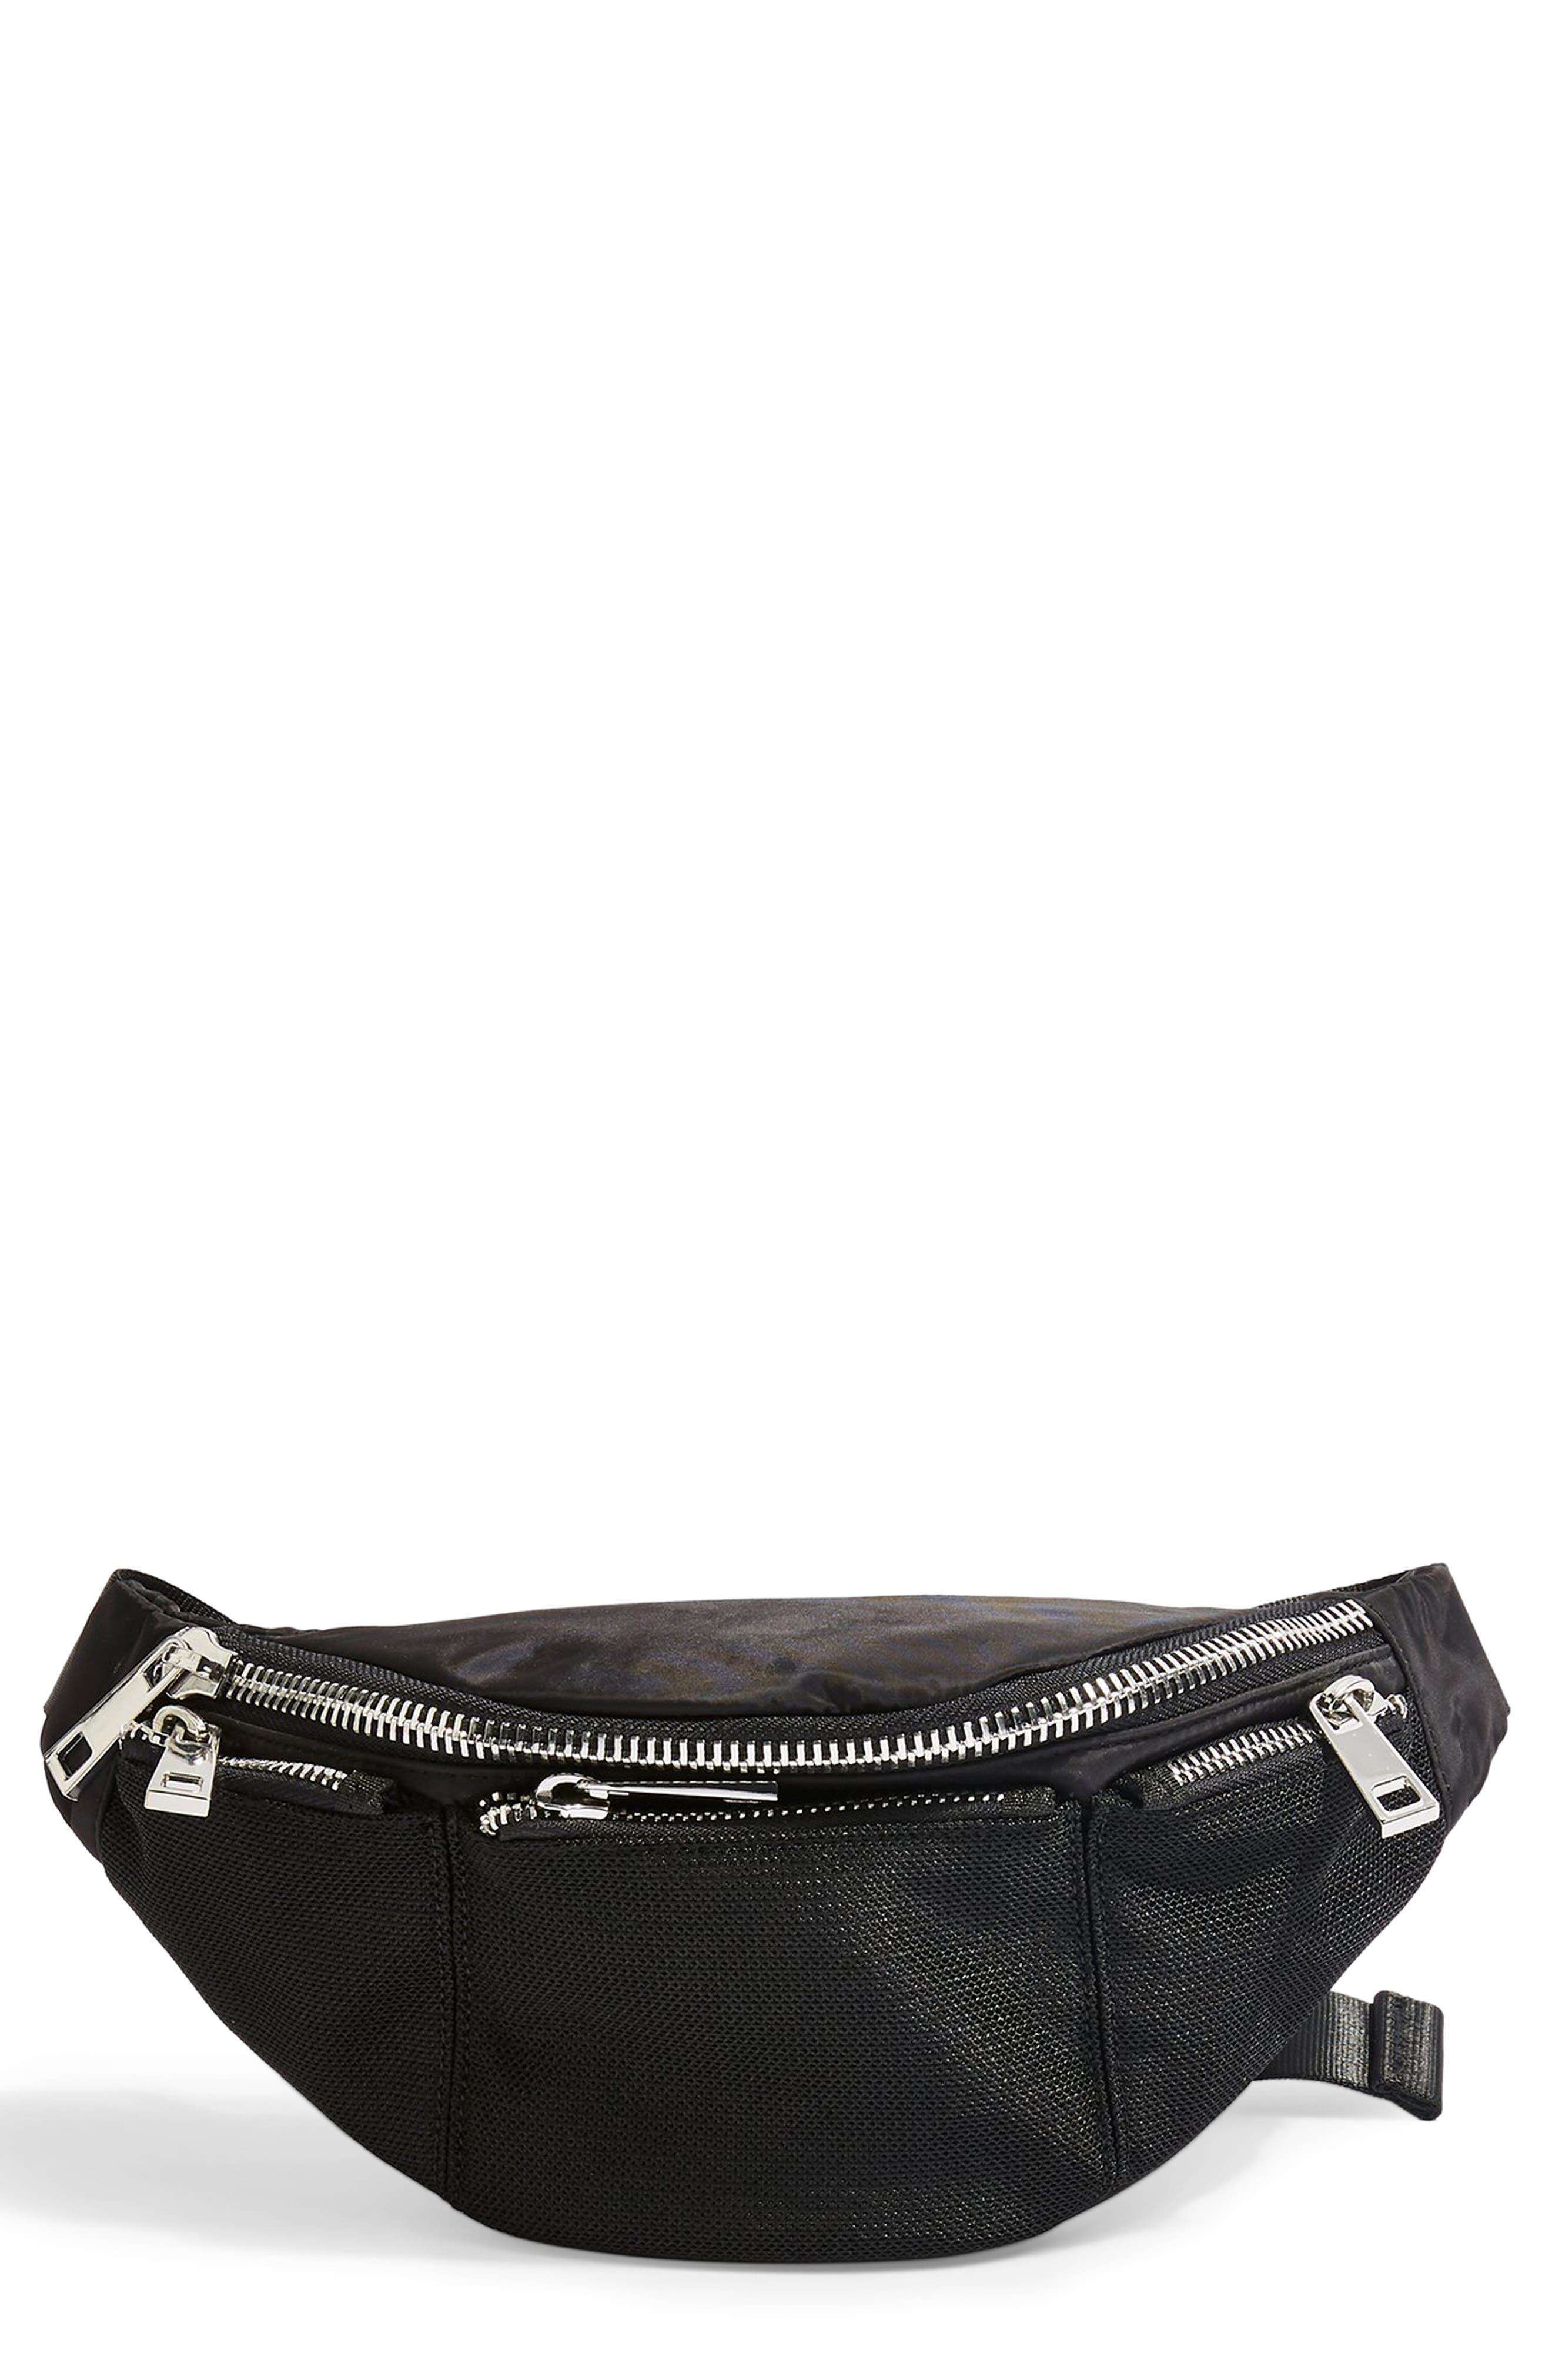 TOPSHOP Warsaw Nylon Belt Bag, Main, color, BLACK